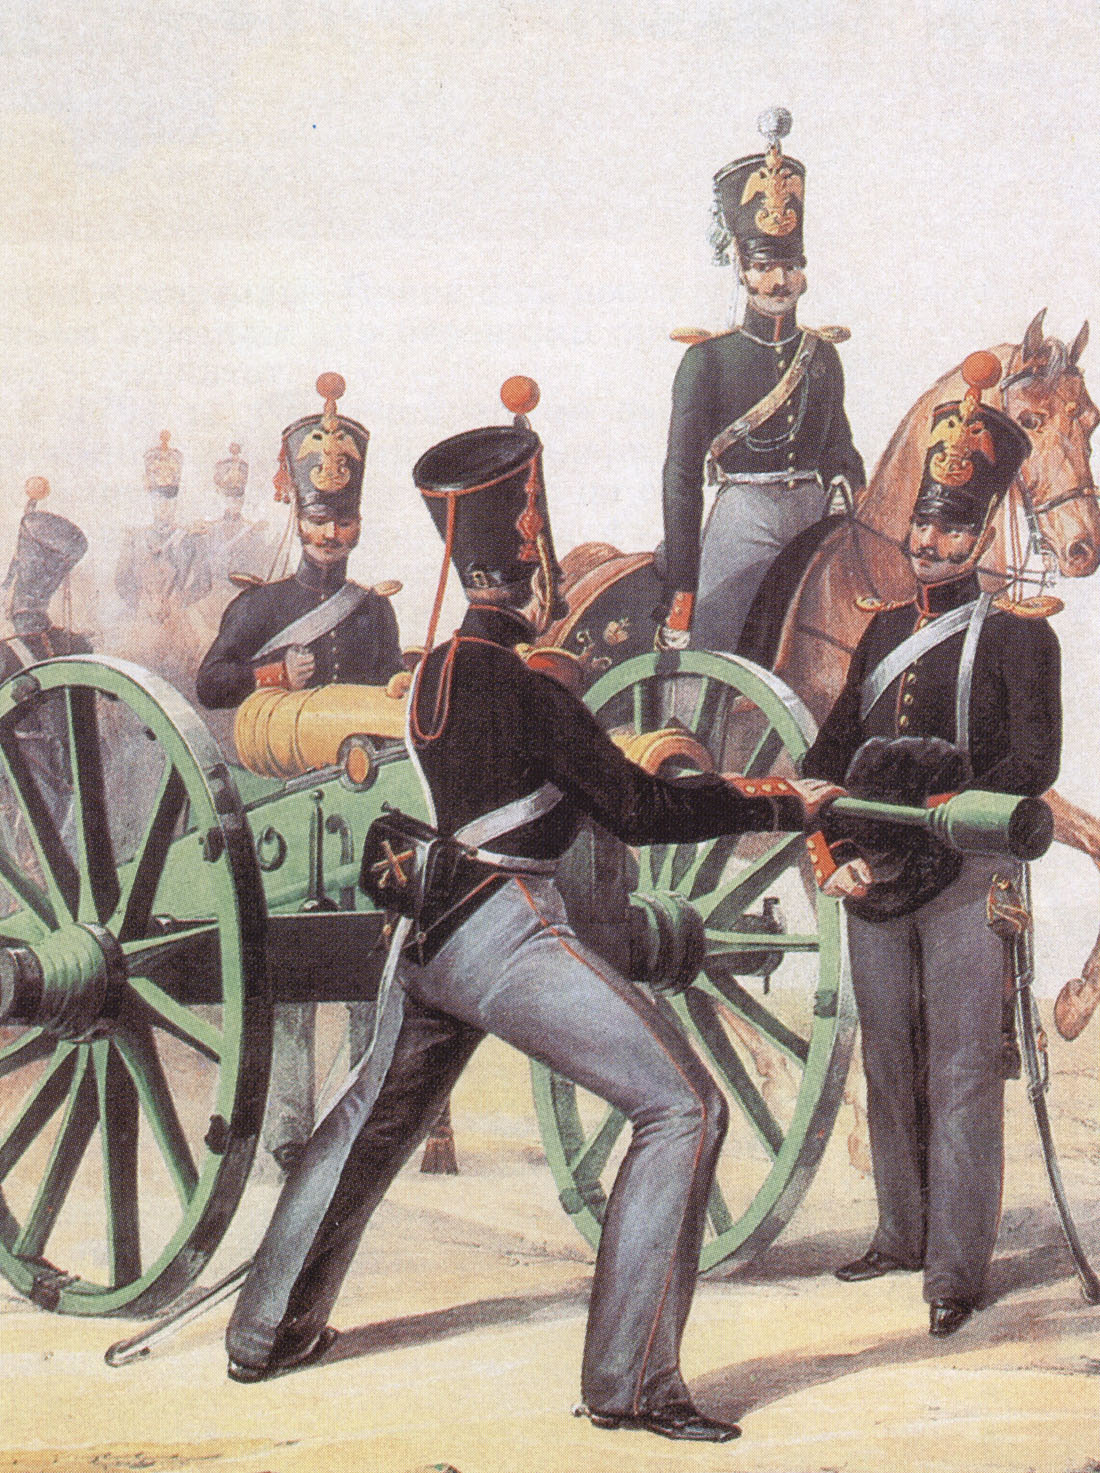 Предположительно Л. Белоусов. Обер-офицер и рядовые конно-артиллерийской бригады. 1839.